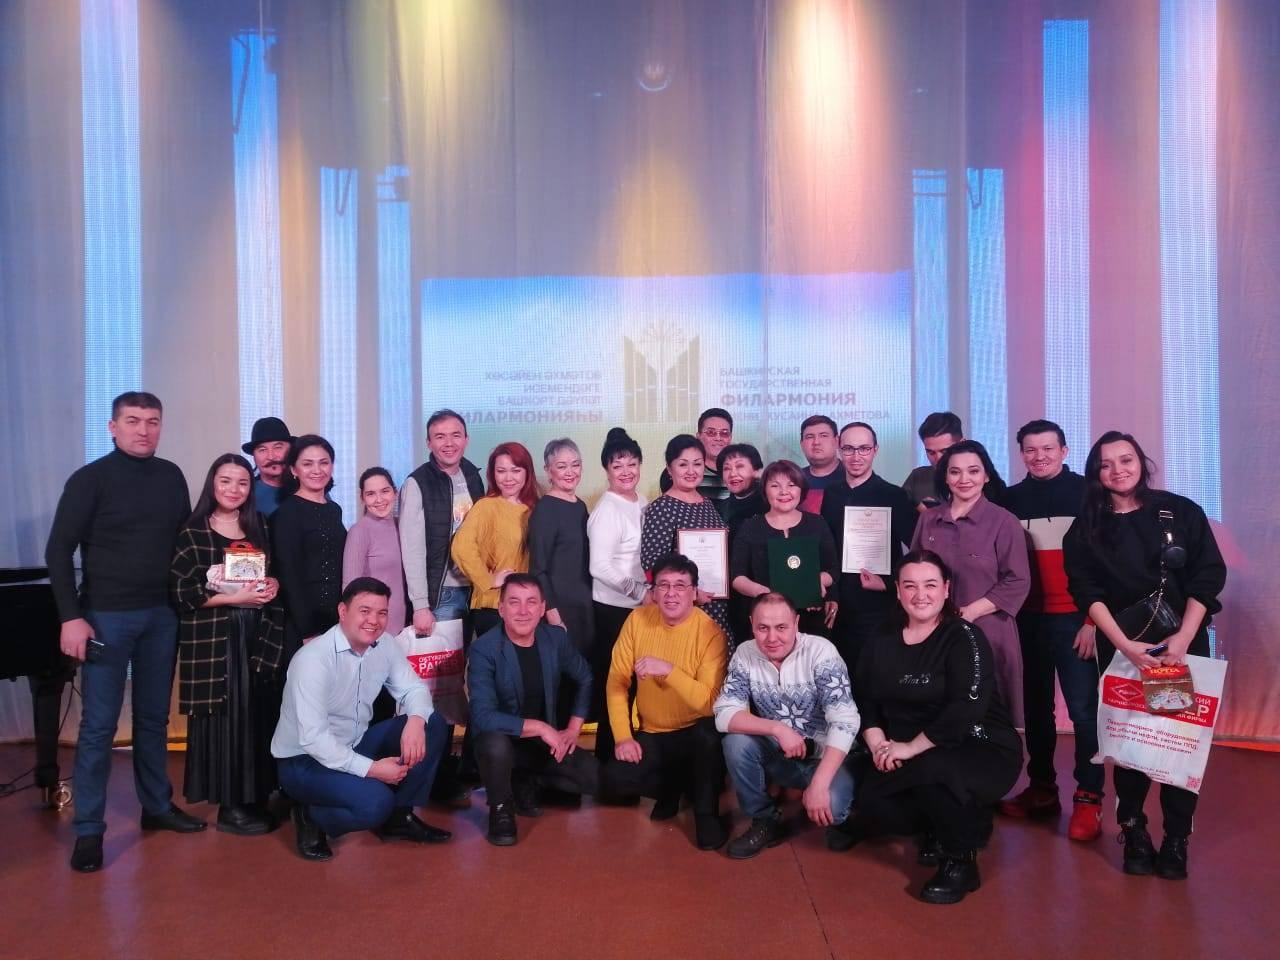 Благодарность артистам от имени Правительства за благотворительную работу